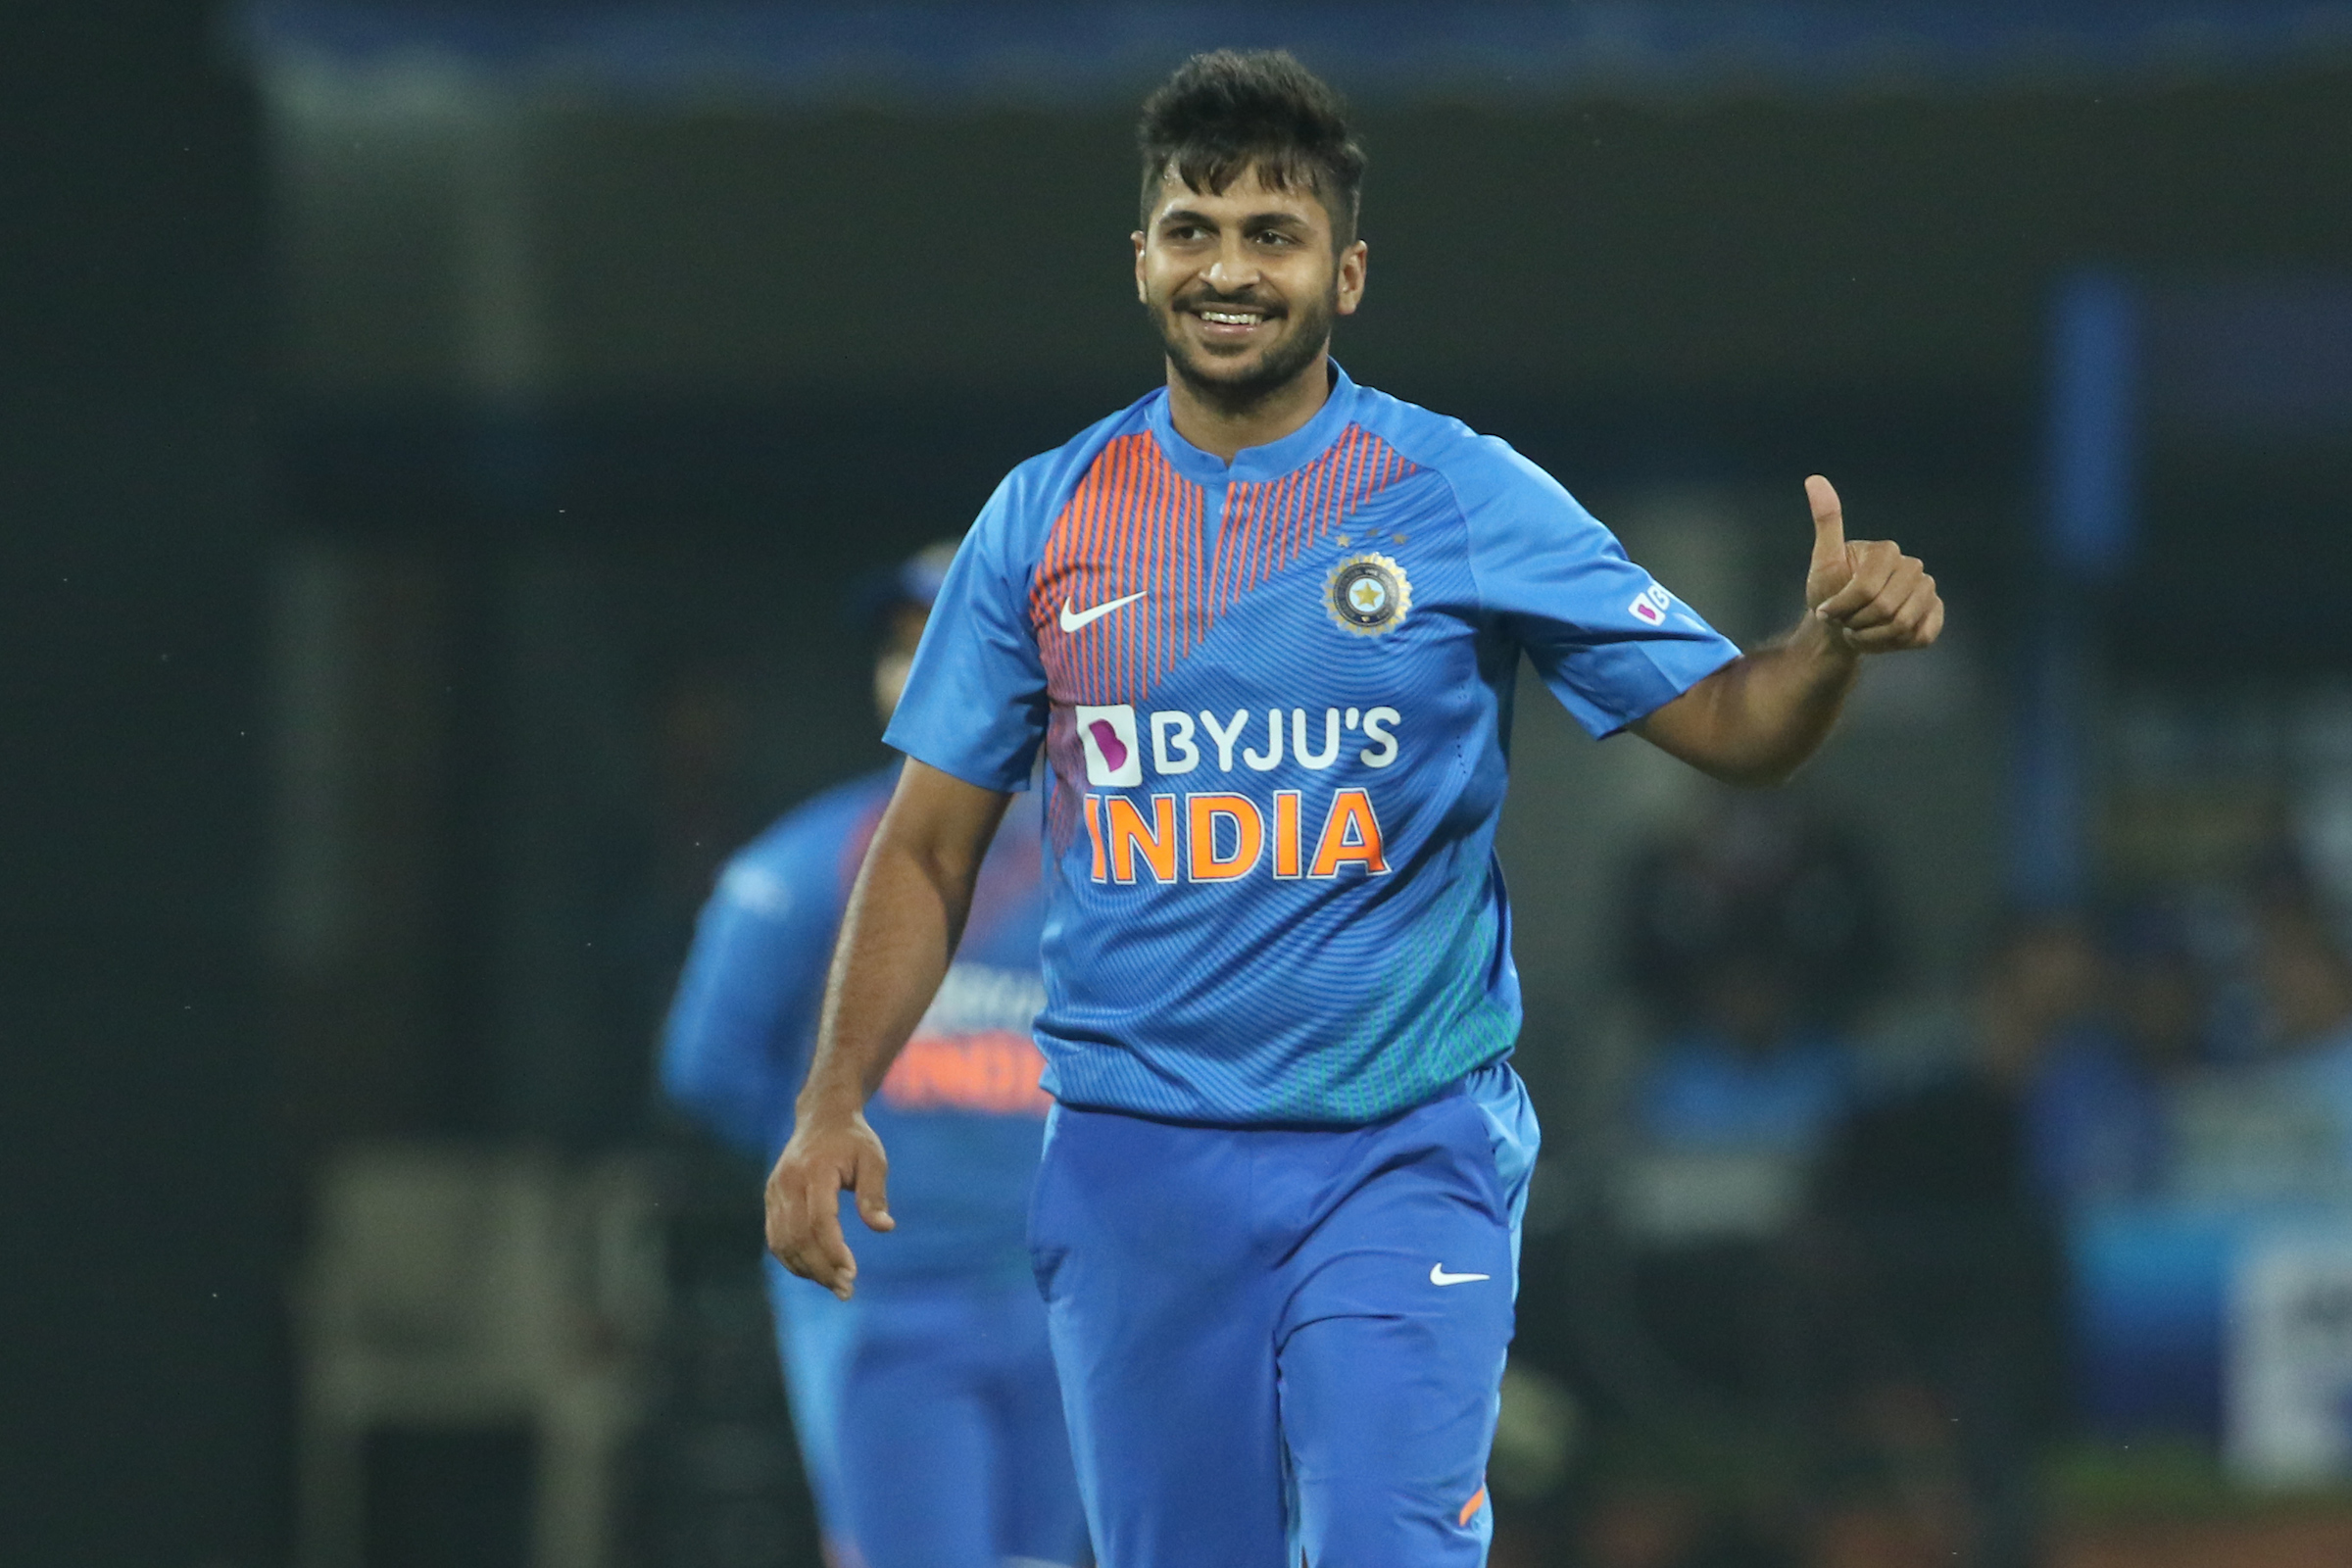 भारतीय टीम के टी 20 विश्व कप स्क्वॉड में भारी उलटफेर, शार्दुल ठाकुर की टीम में एंट्री, इस दिग्गज को किया बाहर 3